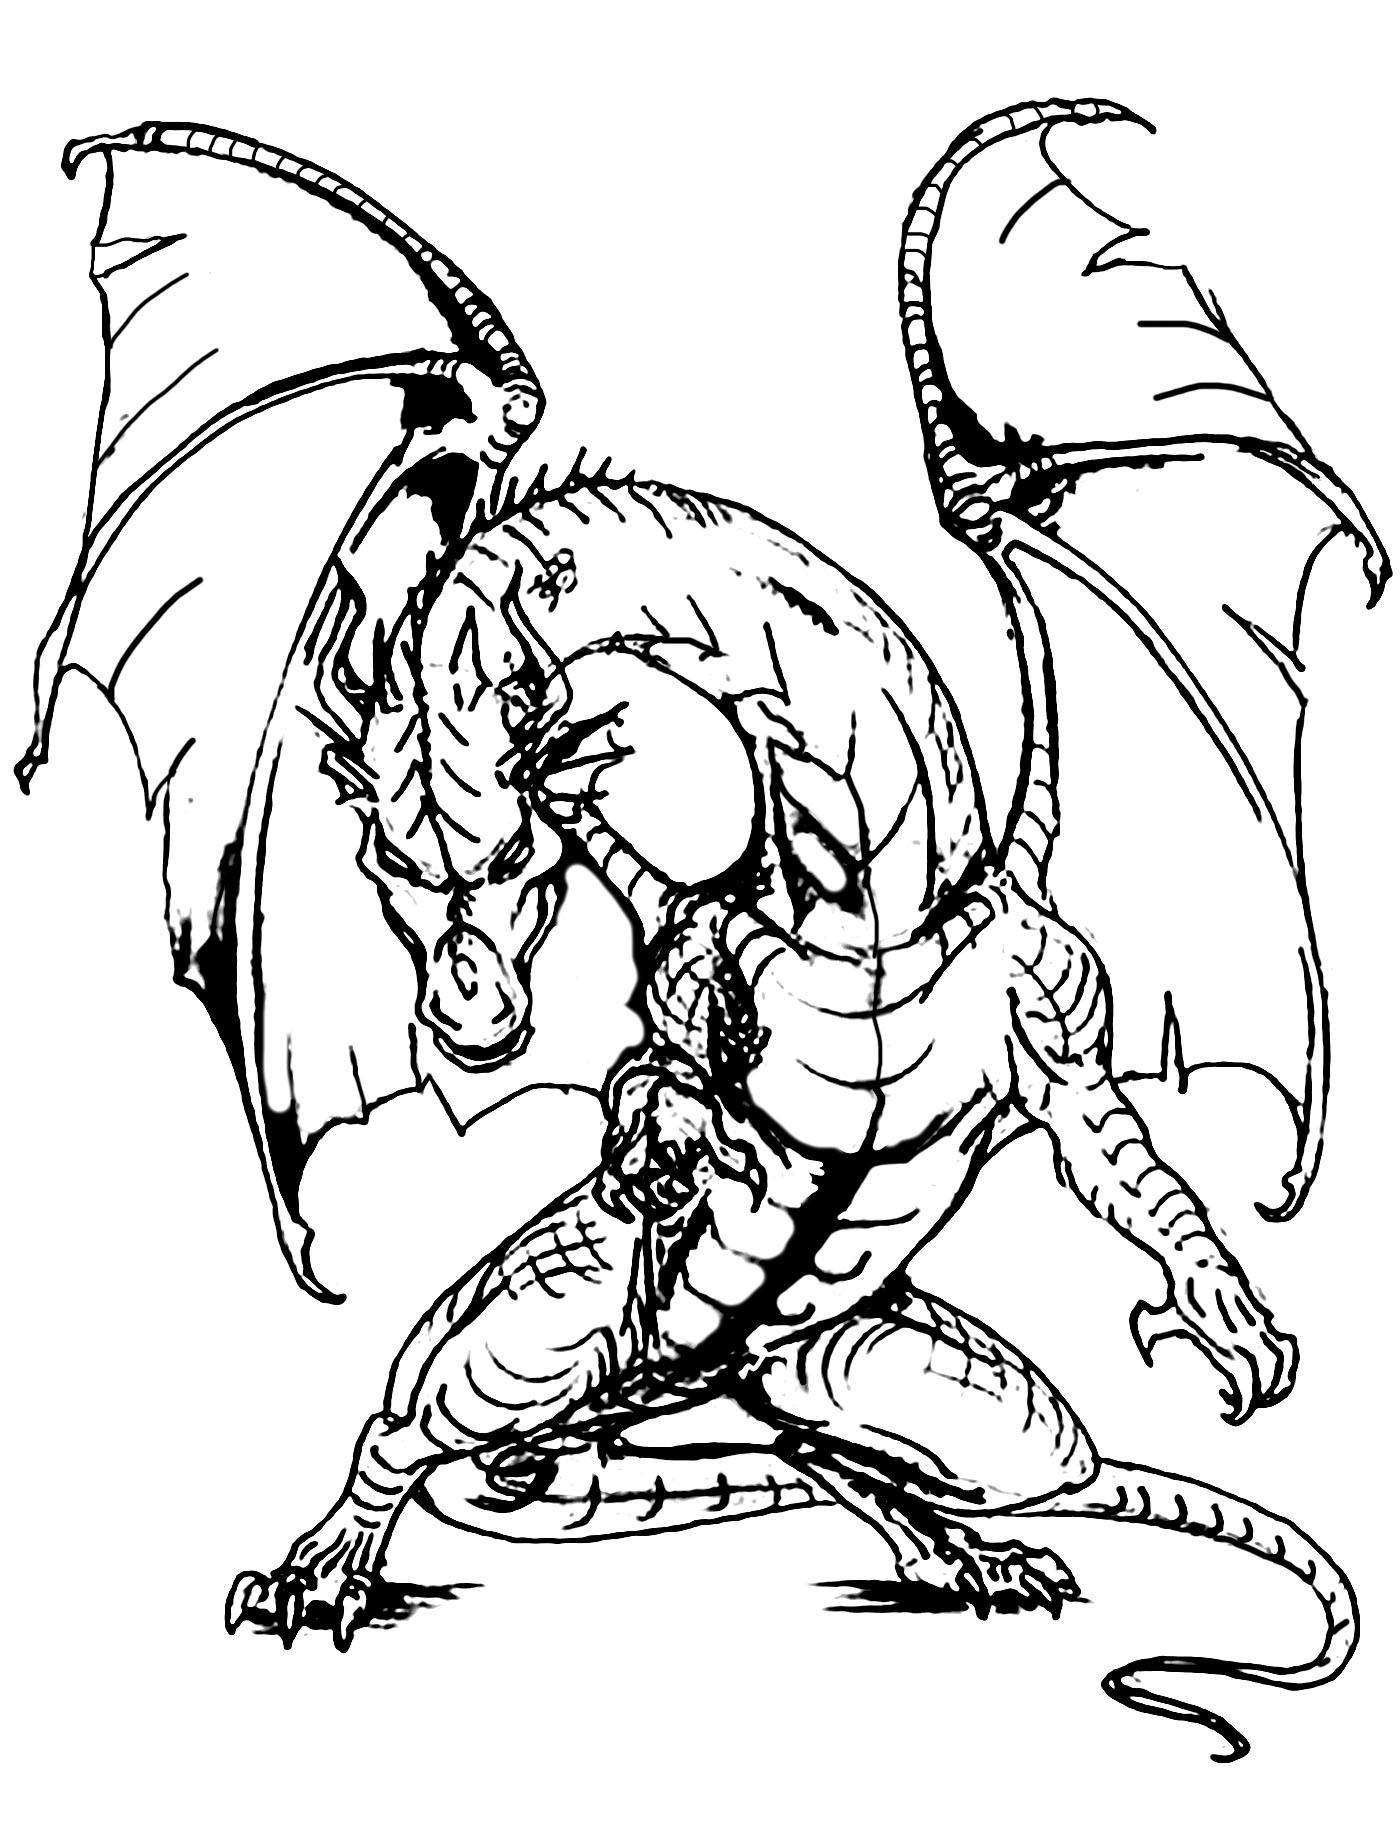 Dragones 13496   Dragones - Colorear para adultos   JustColor